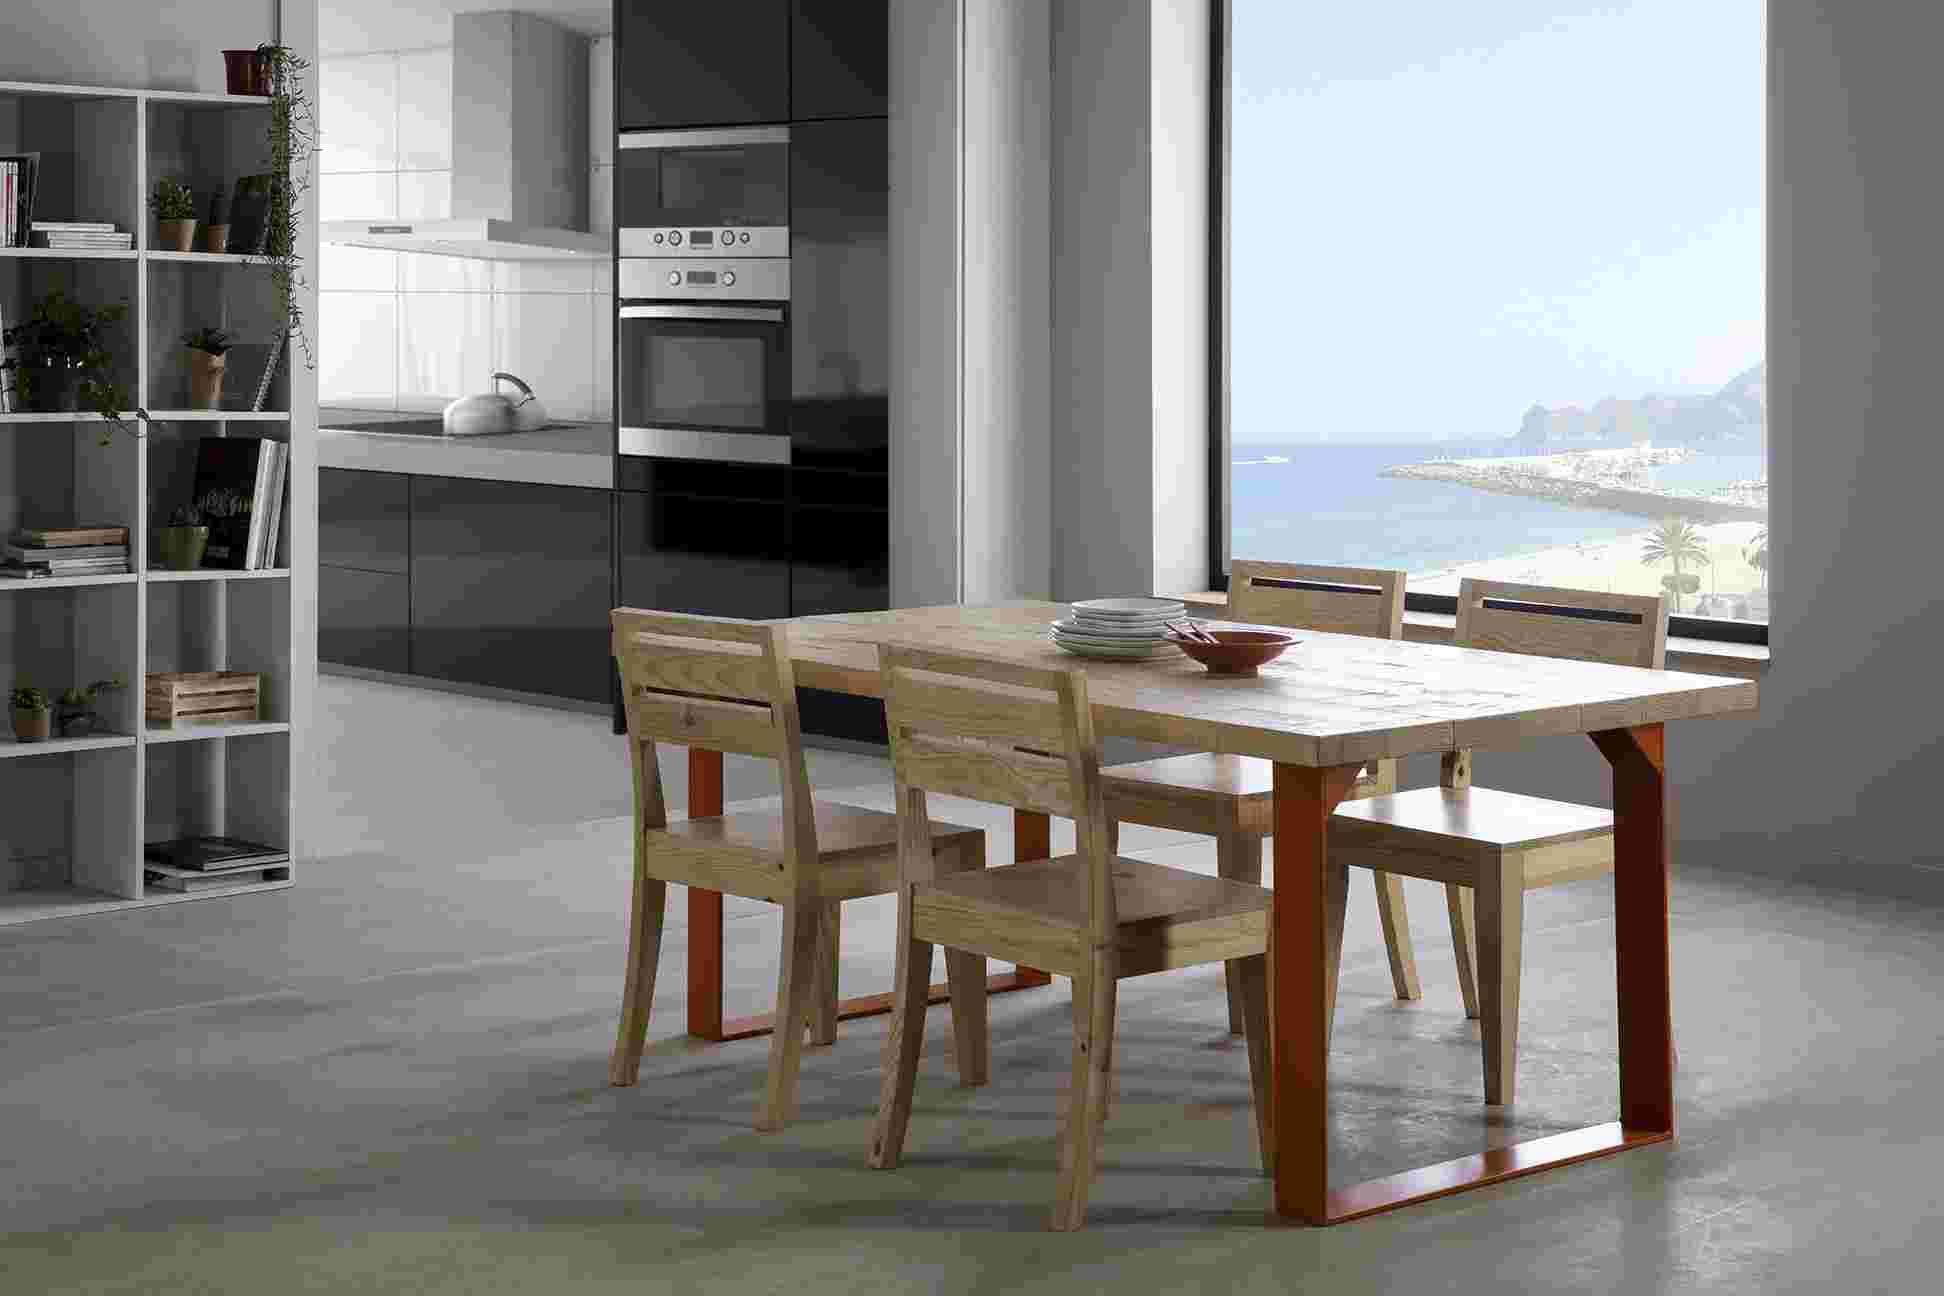 Muebles r sticos y colonial buen precio madrid myoc for Fabricas de muebles en madrid y alrededores